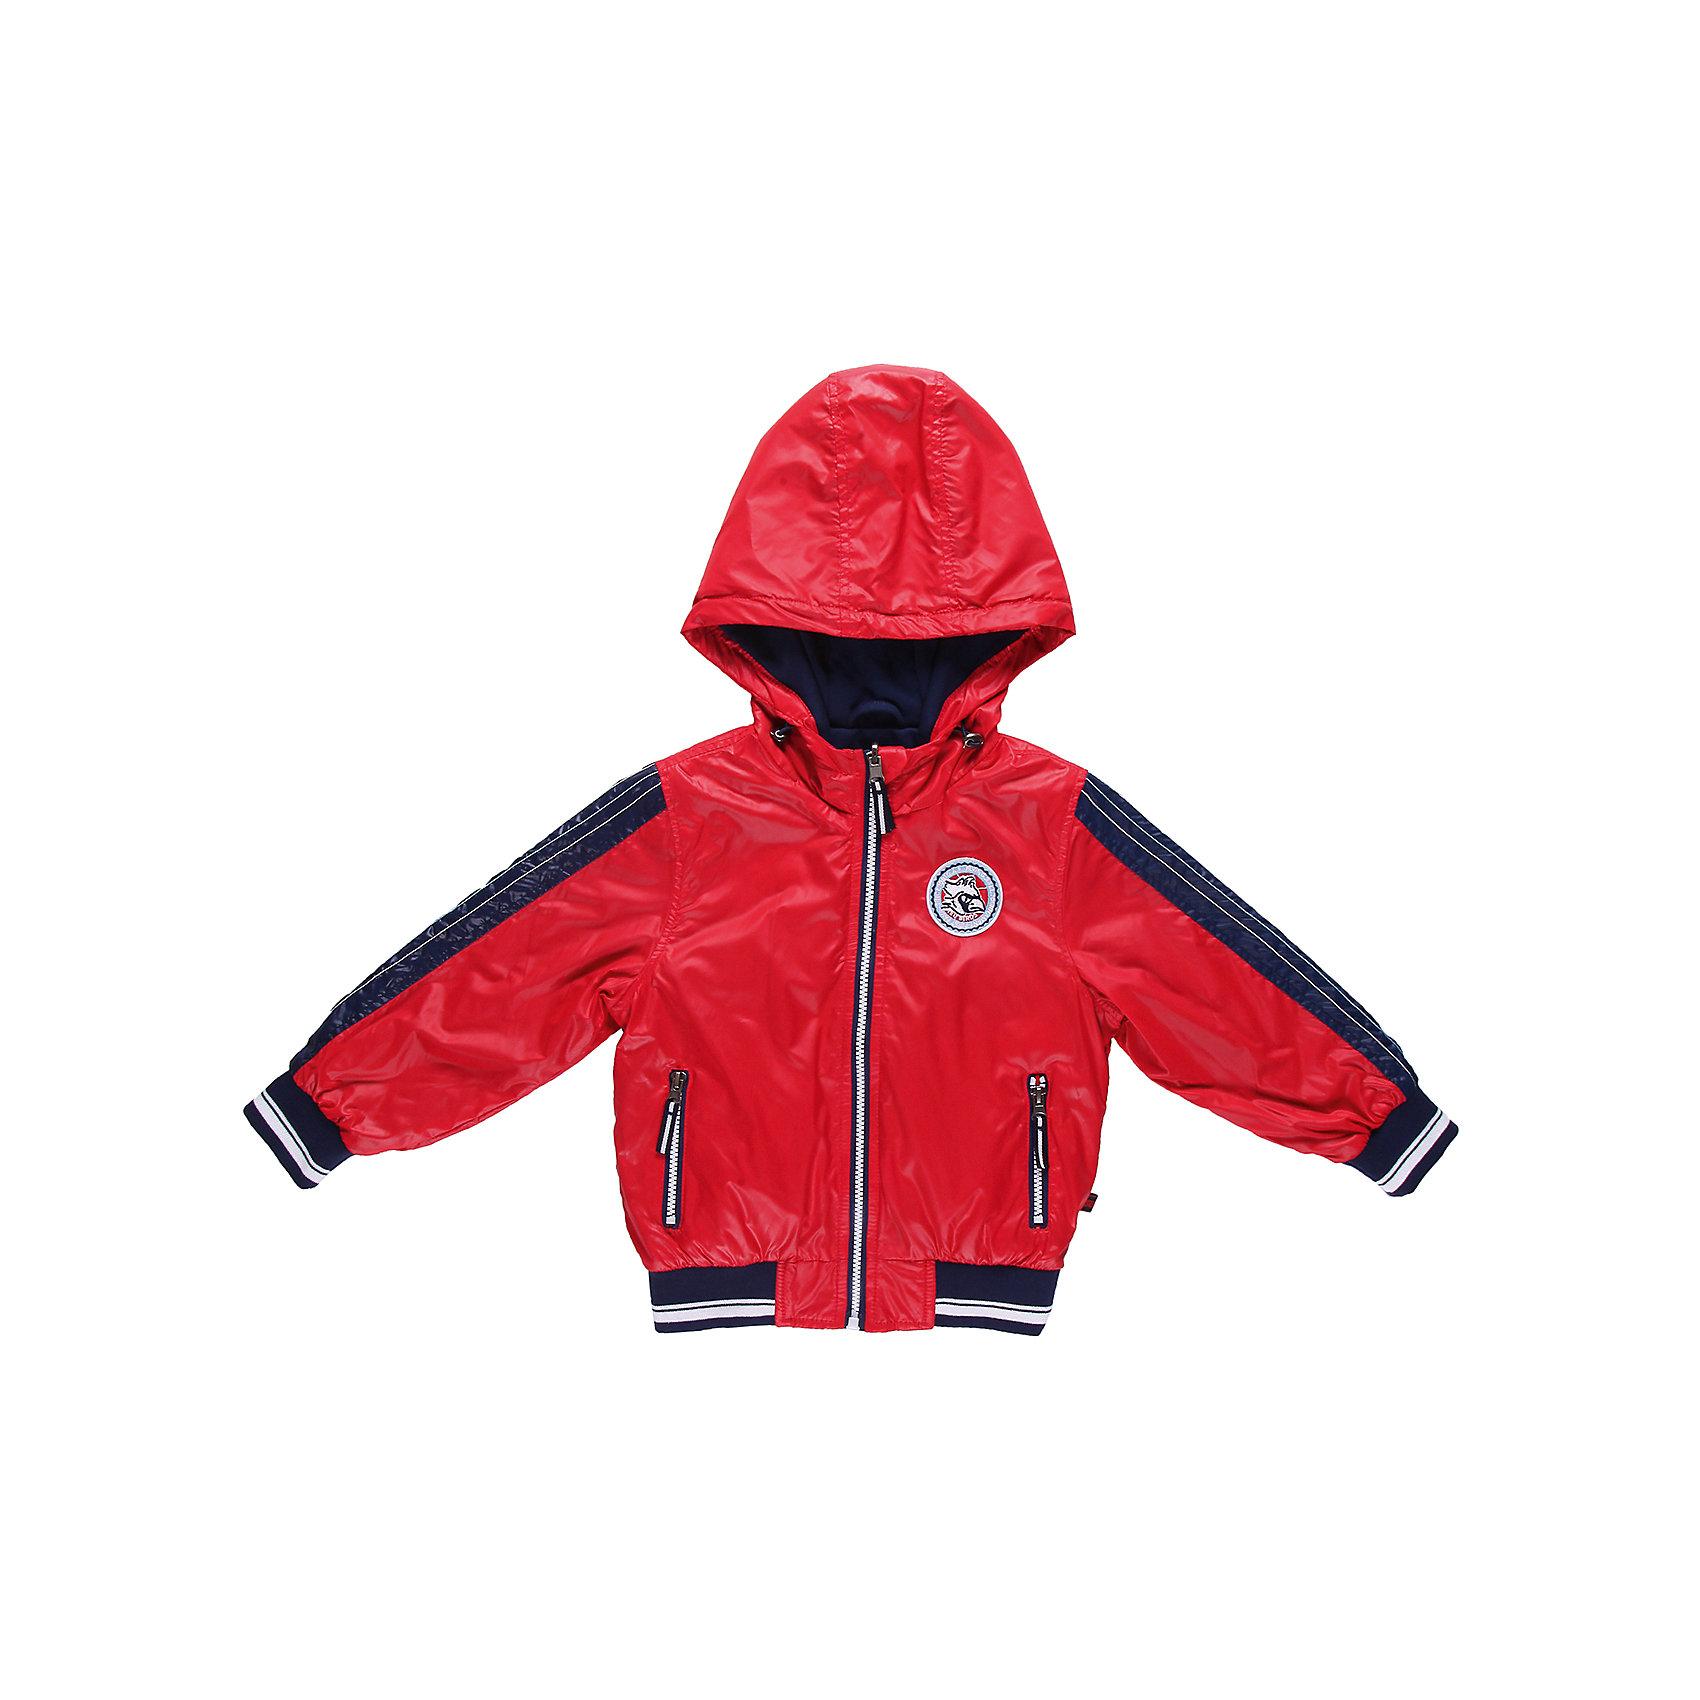 Куртка для мальчика Sweet BerryДвухсторонняя куртка для мальчика. С одной стороны ветровка, с другой толстовка.<br>Состав:<br>Верх: 100% полиэстер, Подкладка: 65% хлопок, 35% полиэстер<br><br>Ширина мм: 356<br>Глубина мм: 10<br>Высота мм: 245<br>Вес г: 519<br>Цвет: синий/красный<br>Возраст от месяцев: 60<br>Возраст до месяцев: 72<br>Пол: Мужской<br>Возраст: Детский<br>Размер: 110,128,104,116,122,98<br>SKU: 4522547